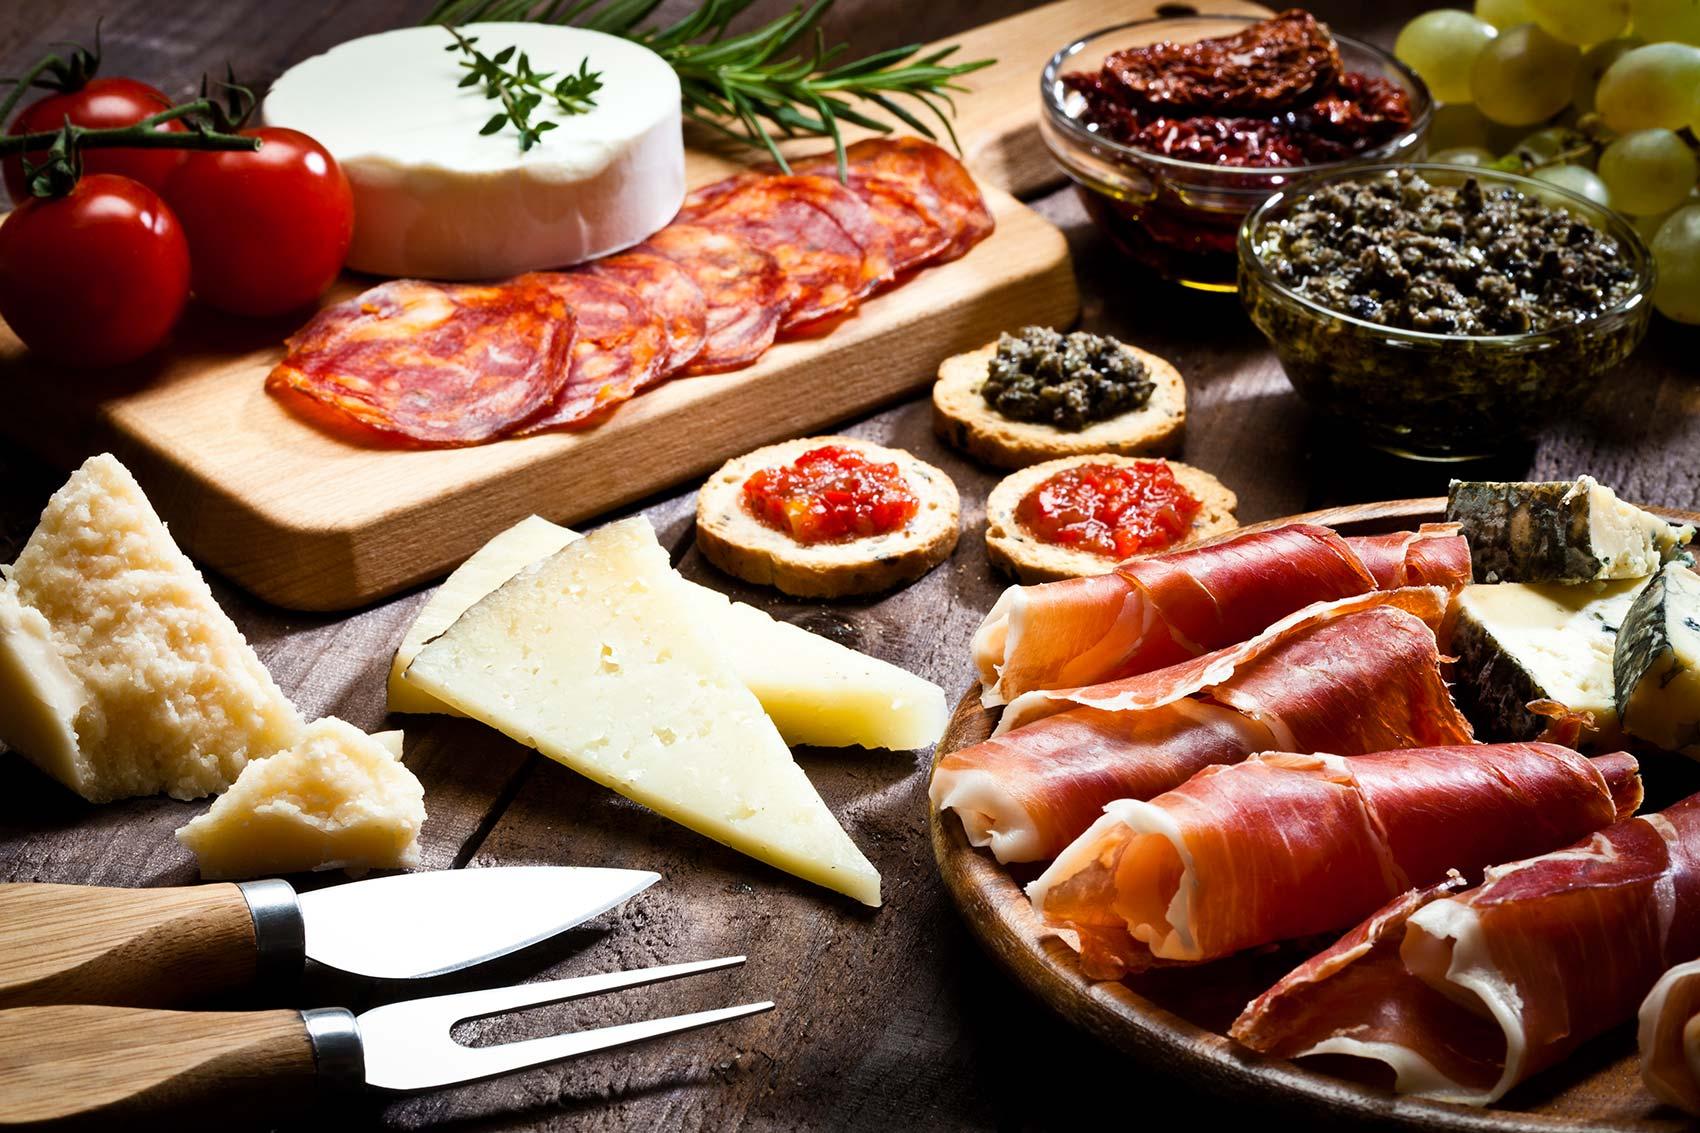 Metropolitan_Foods_European_Foods_Lines_restaurants